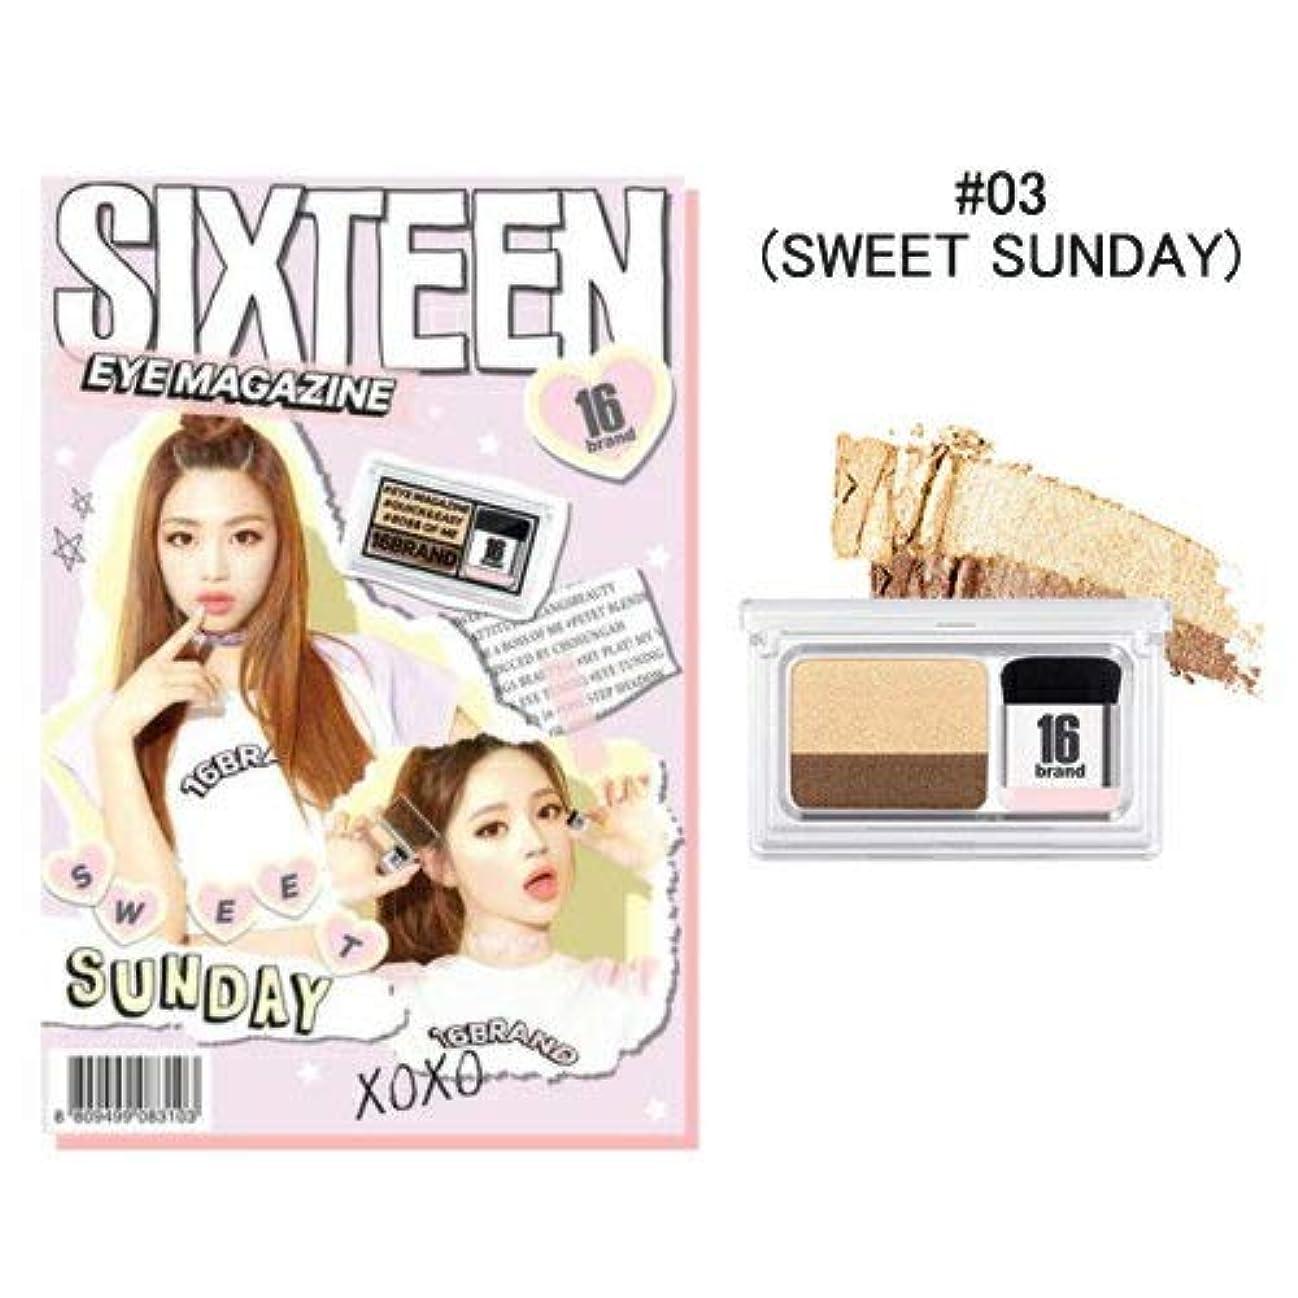 コンパス検索エンジン最適化解放[New Color] 16brand Sixteen Eye Magazine 2g /16ブランド シックスティーン アイ マガジン 2g (#03 SWEET SUNDAY) [並行輸入品]